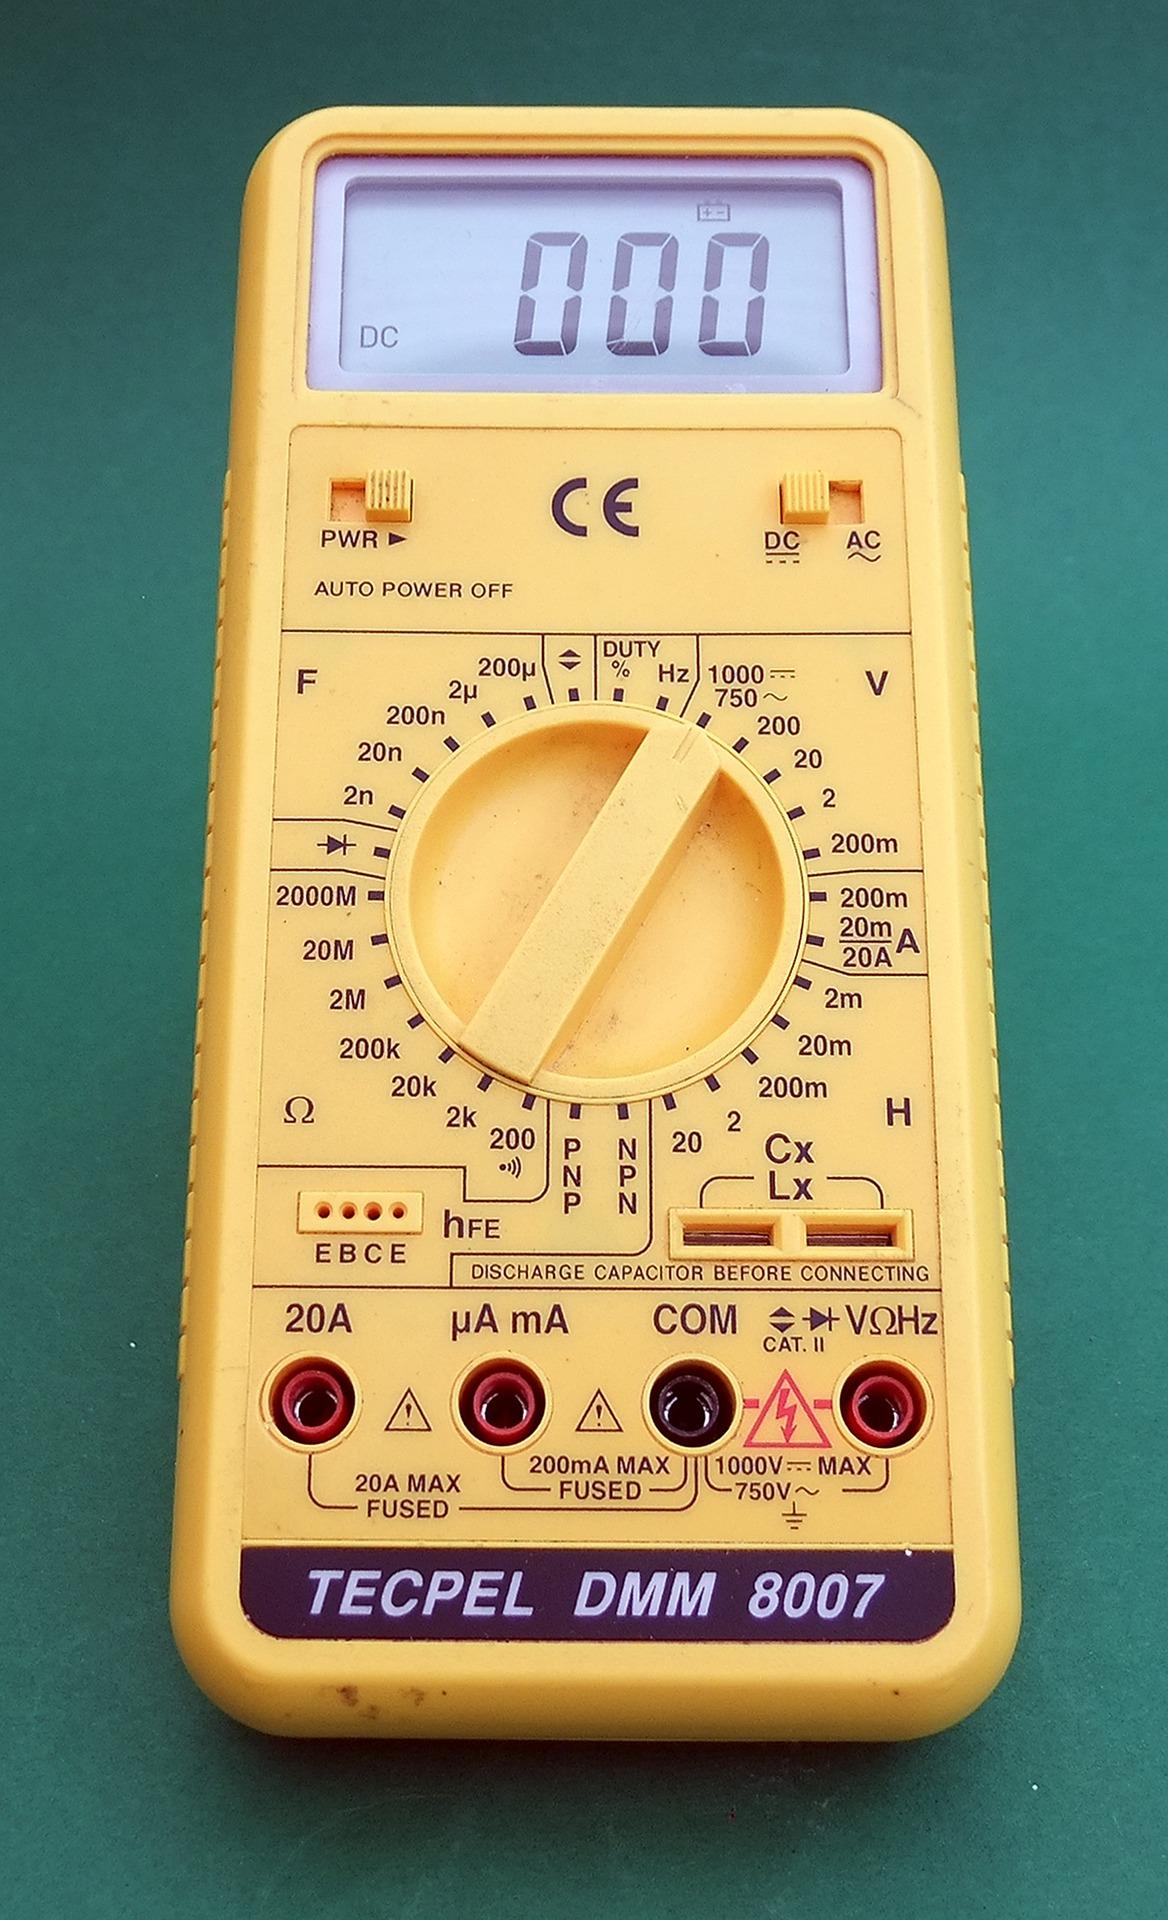 multimeter-2648619_1920.jpg